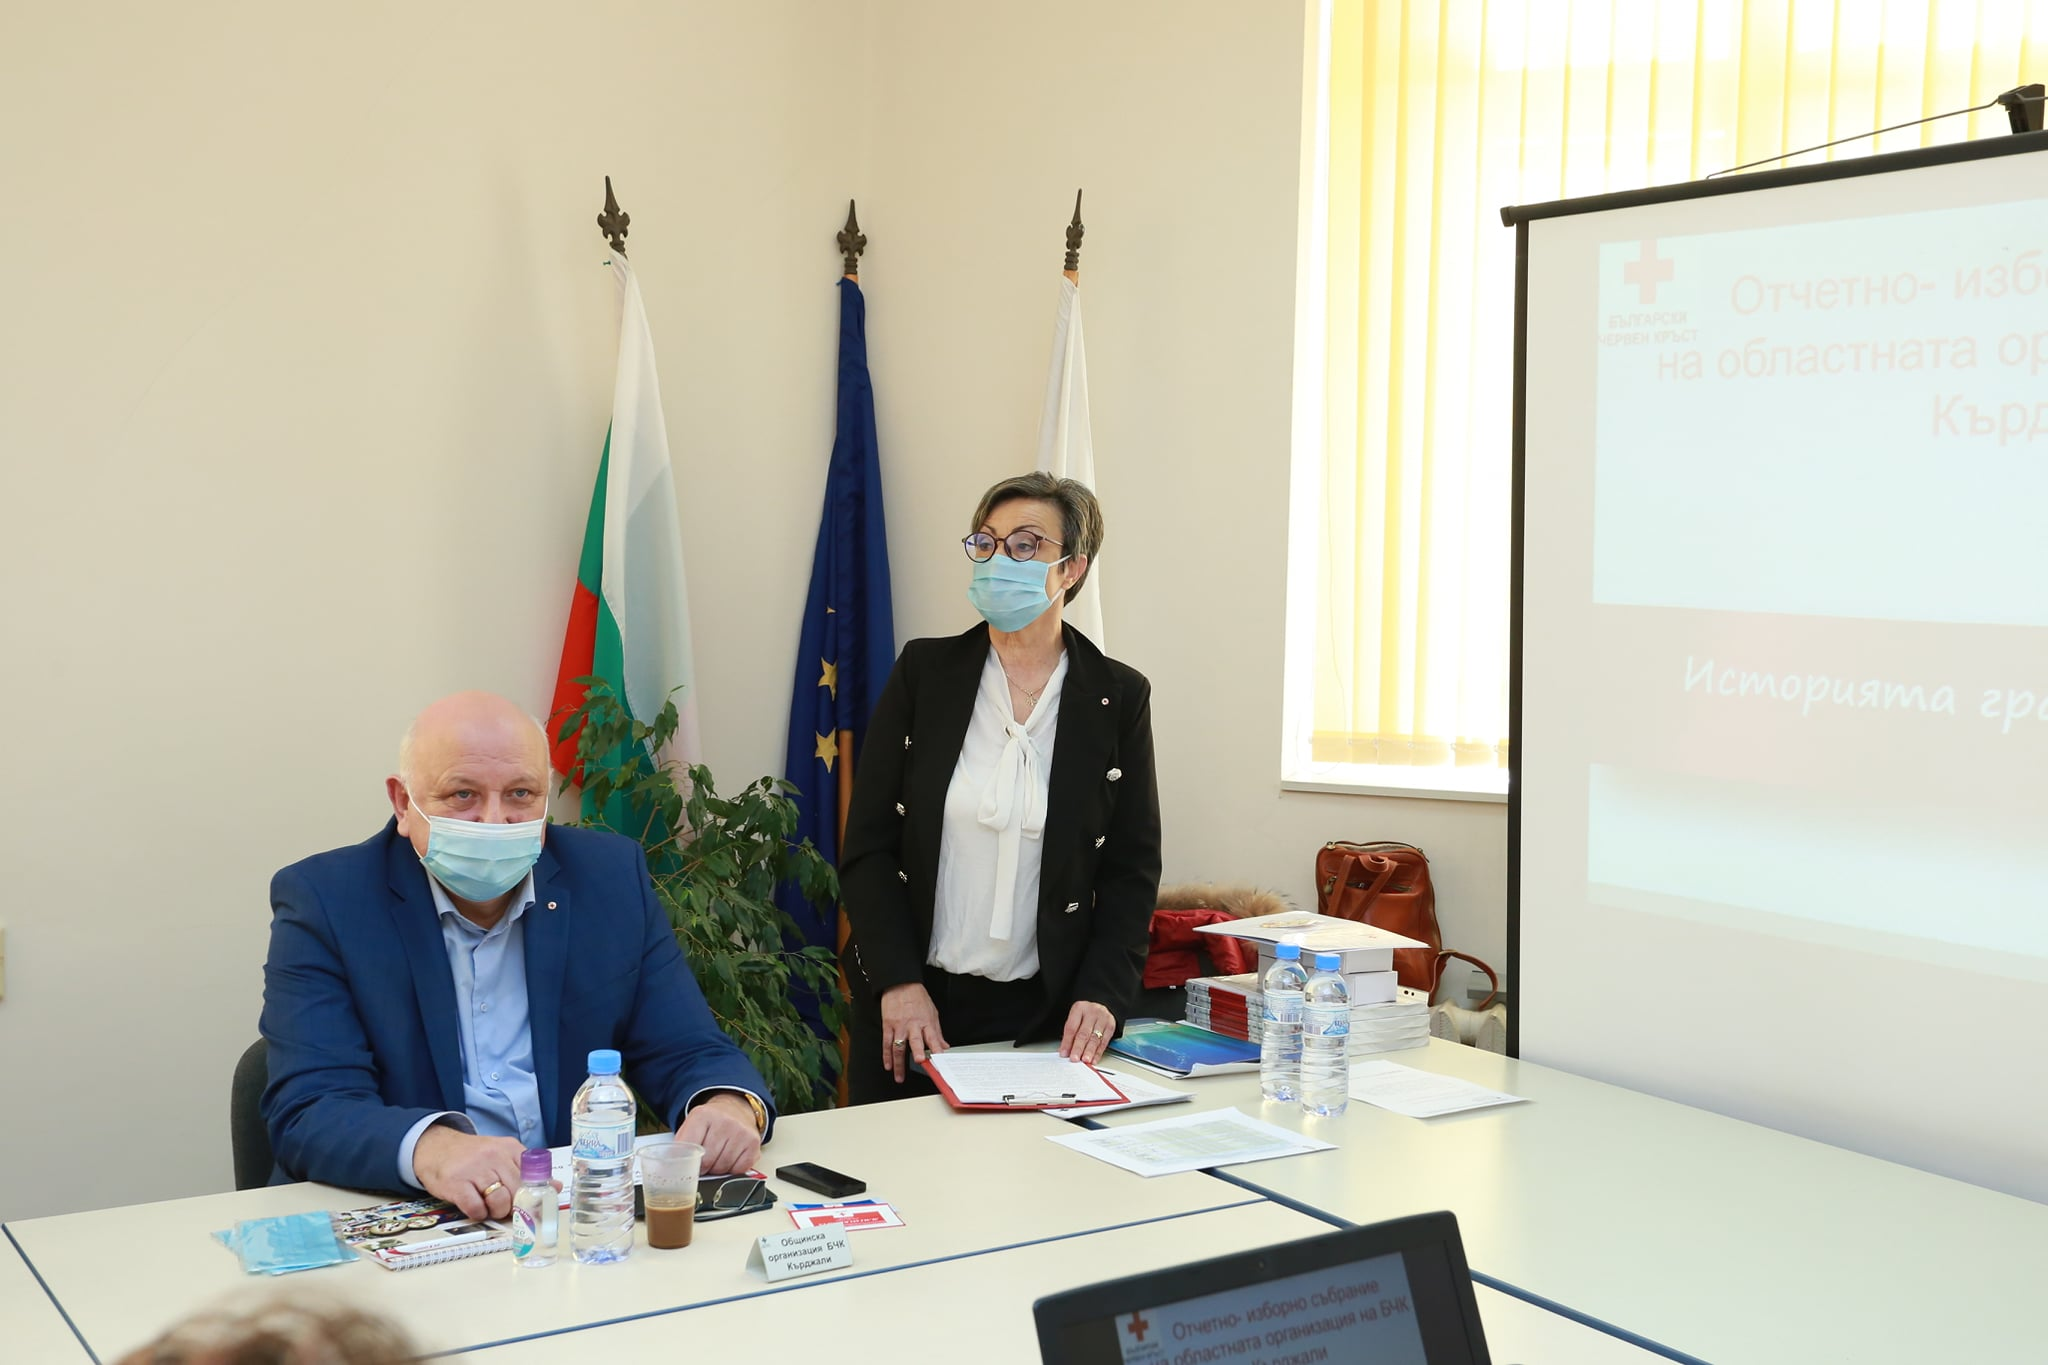 Проф. д-р Тодор Черкезов бе преизбран за областен председател на БЧК